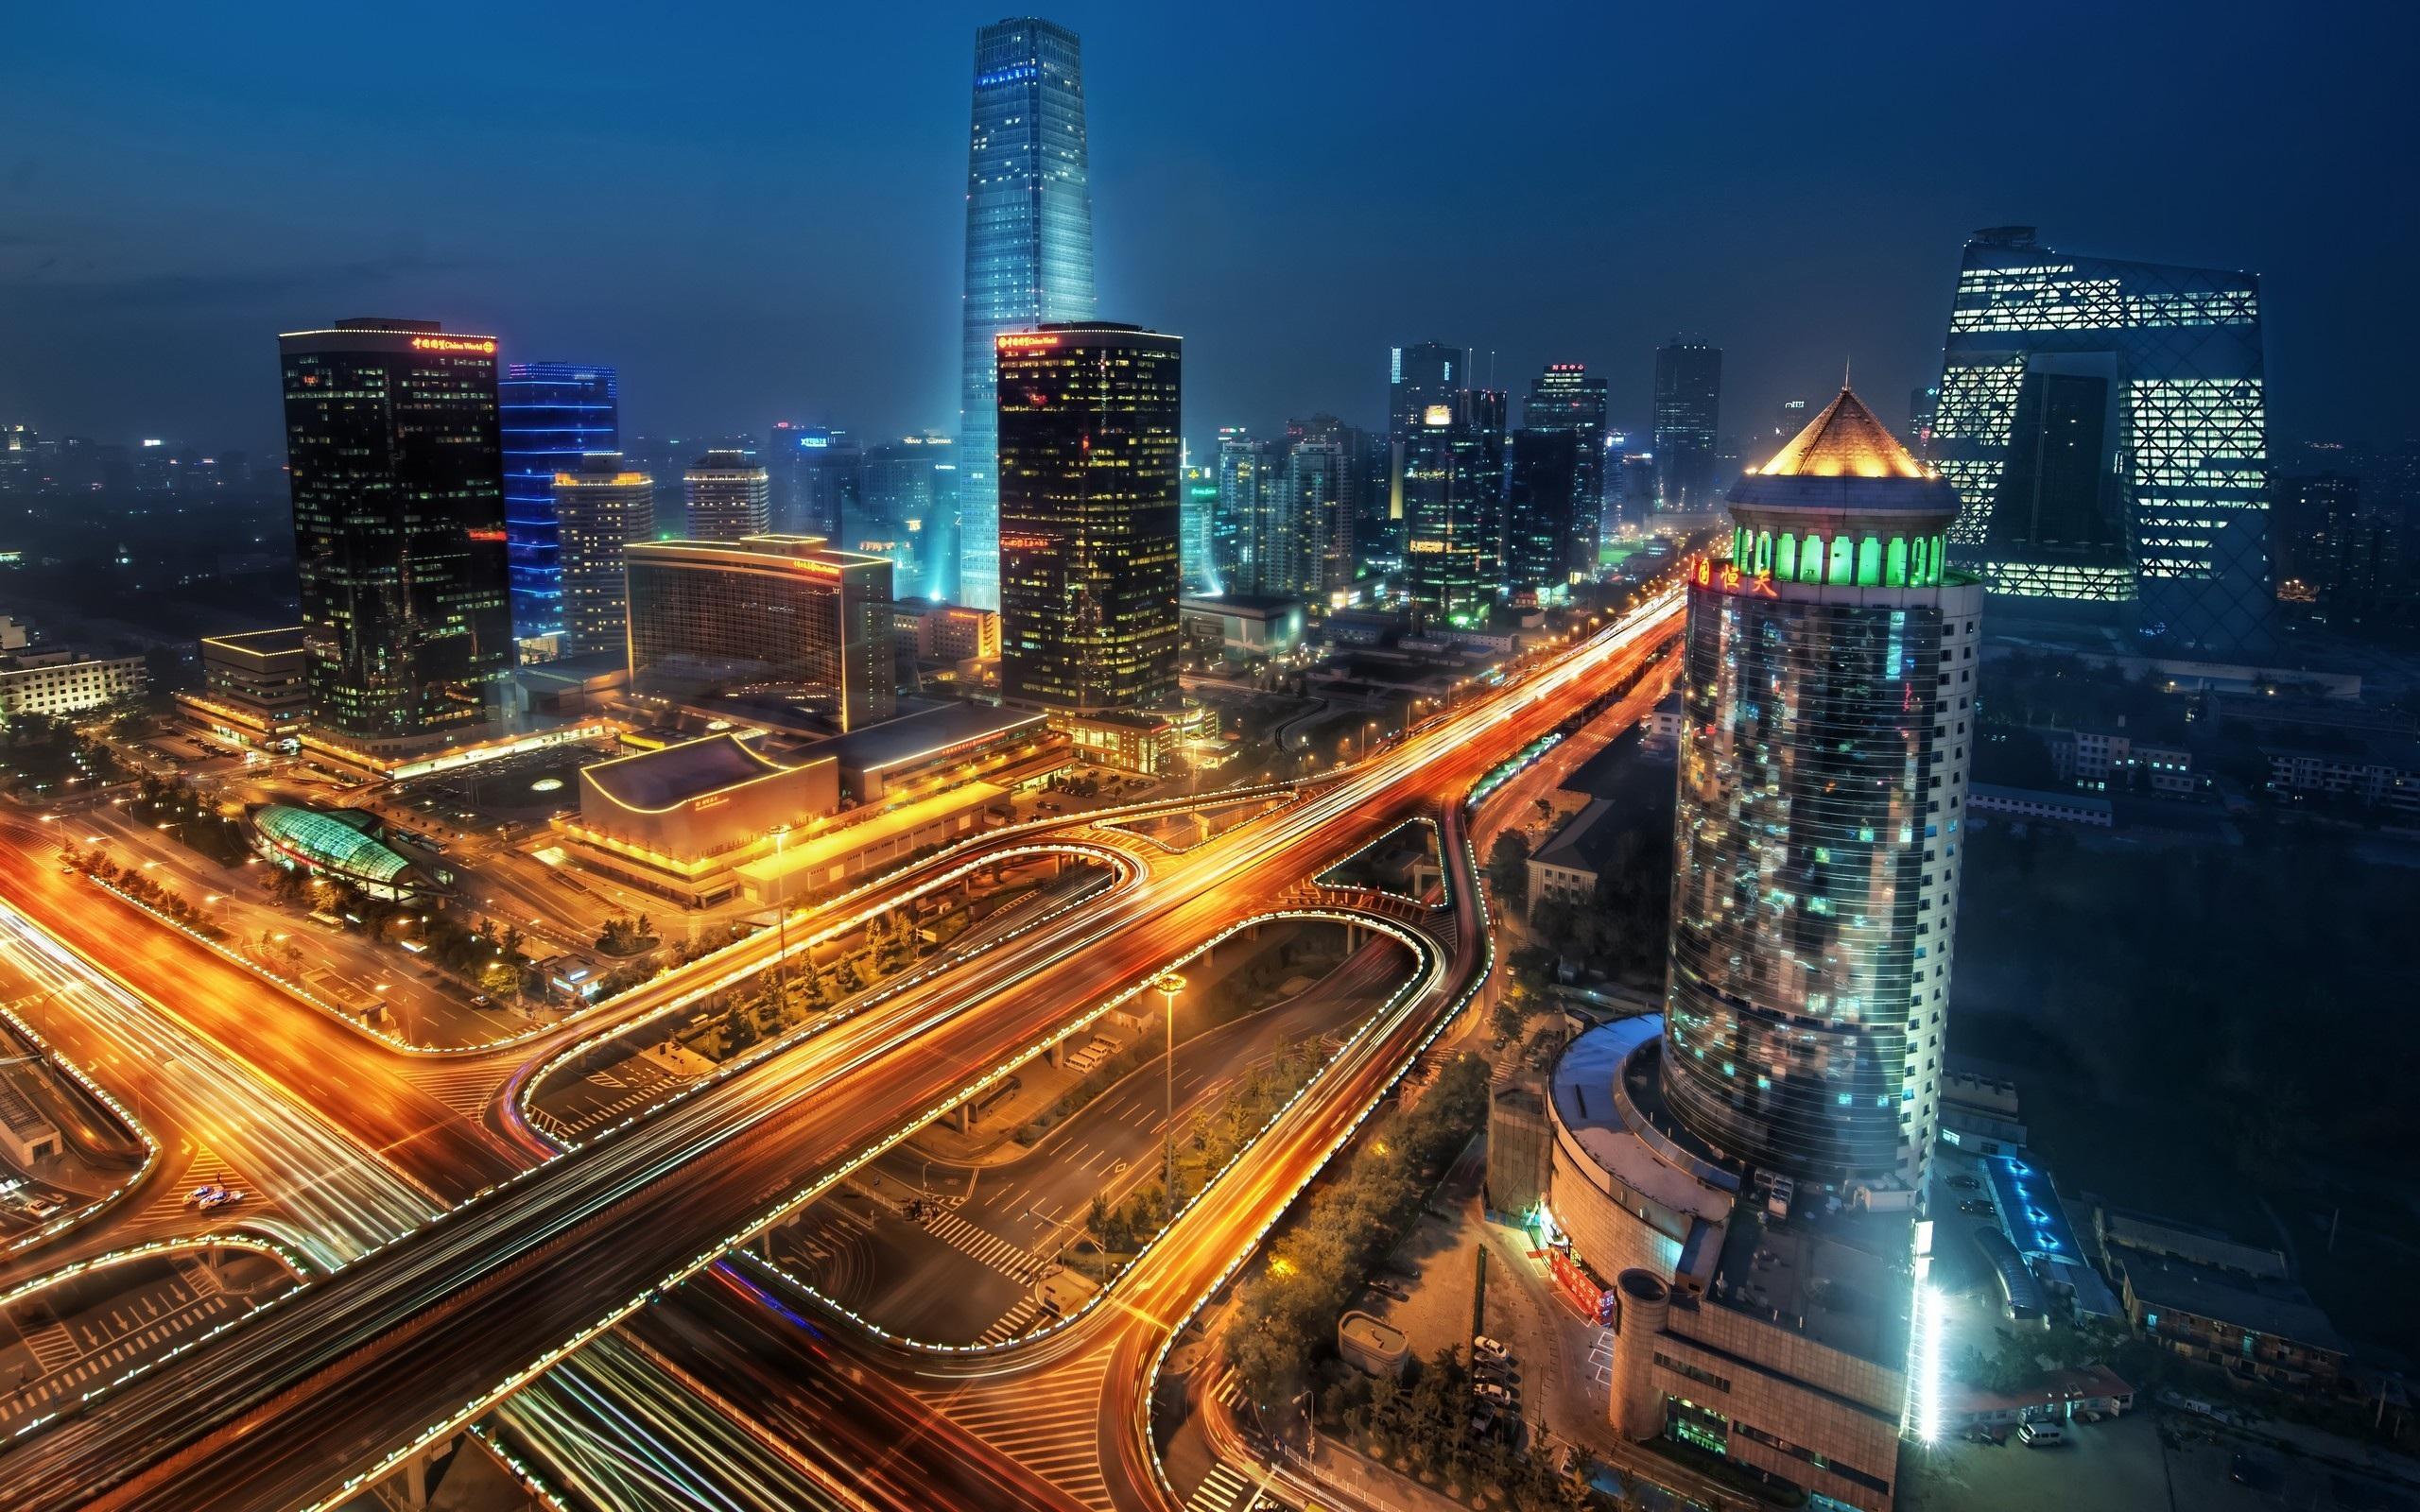 壁紙 高層ビルの夜景 2560x1600 Hd 無料のデスクトップの背景 画像